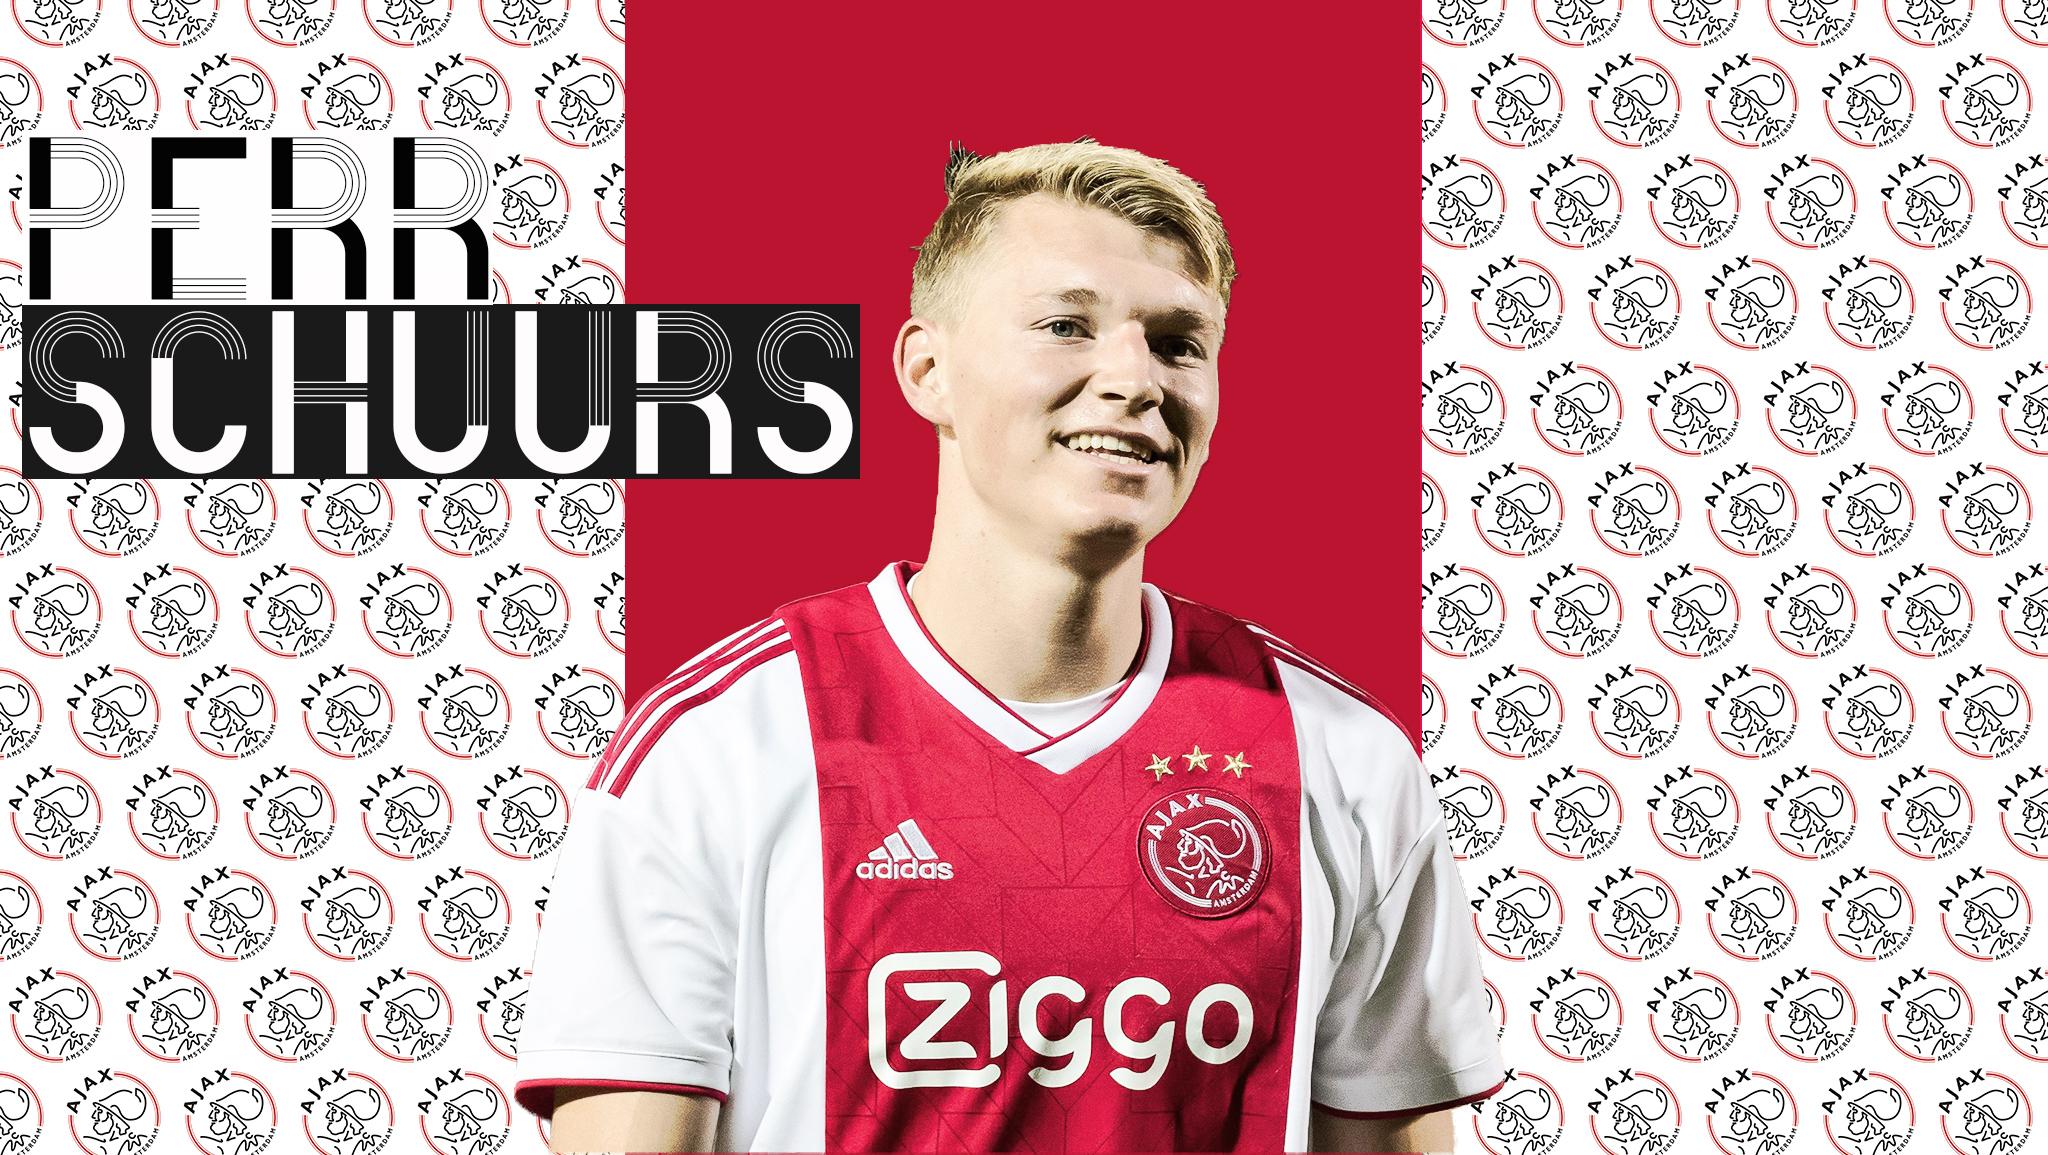 Perr Schuurs Ajax